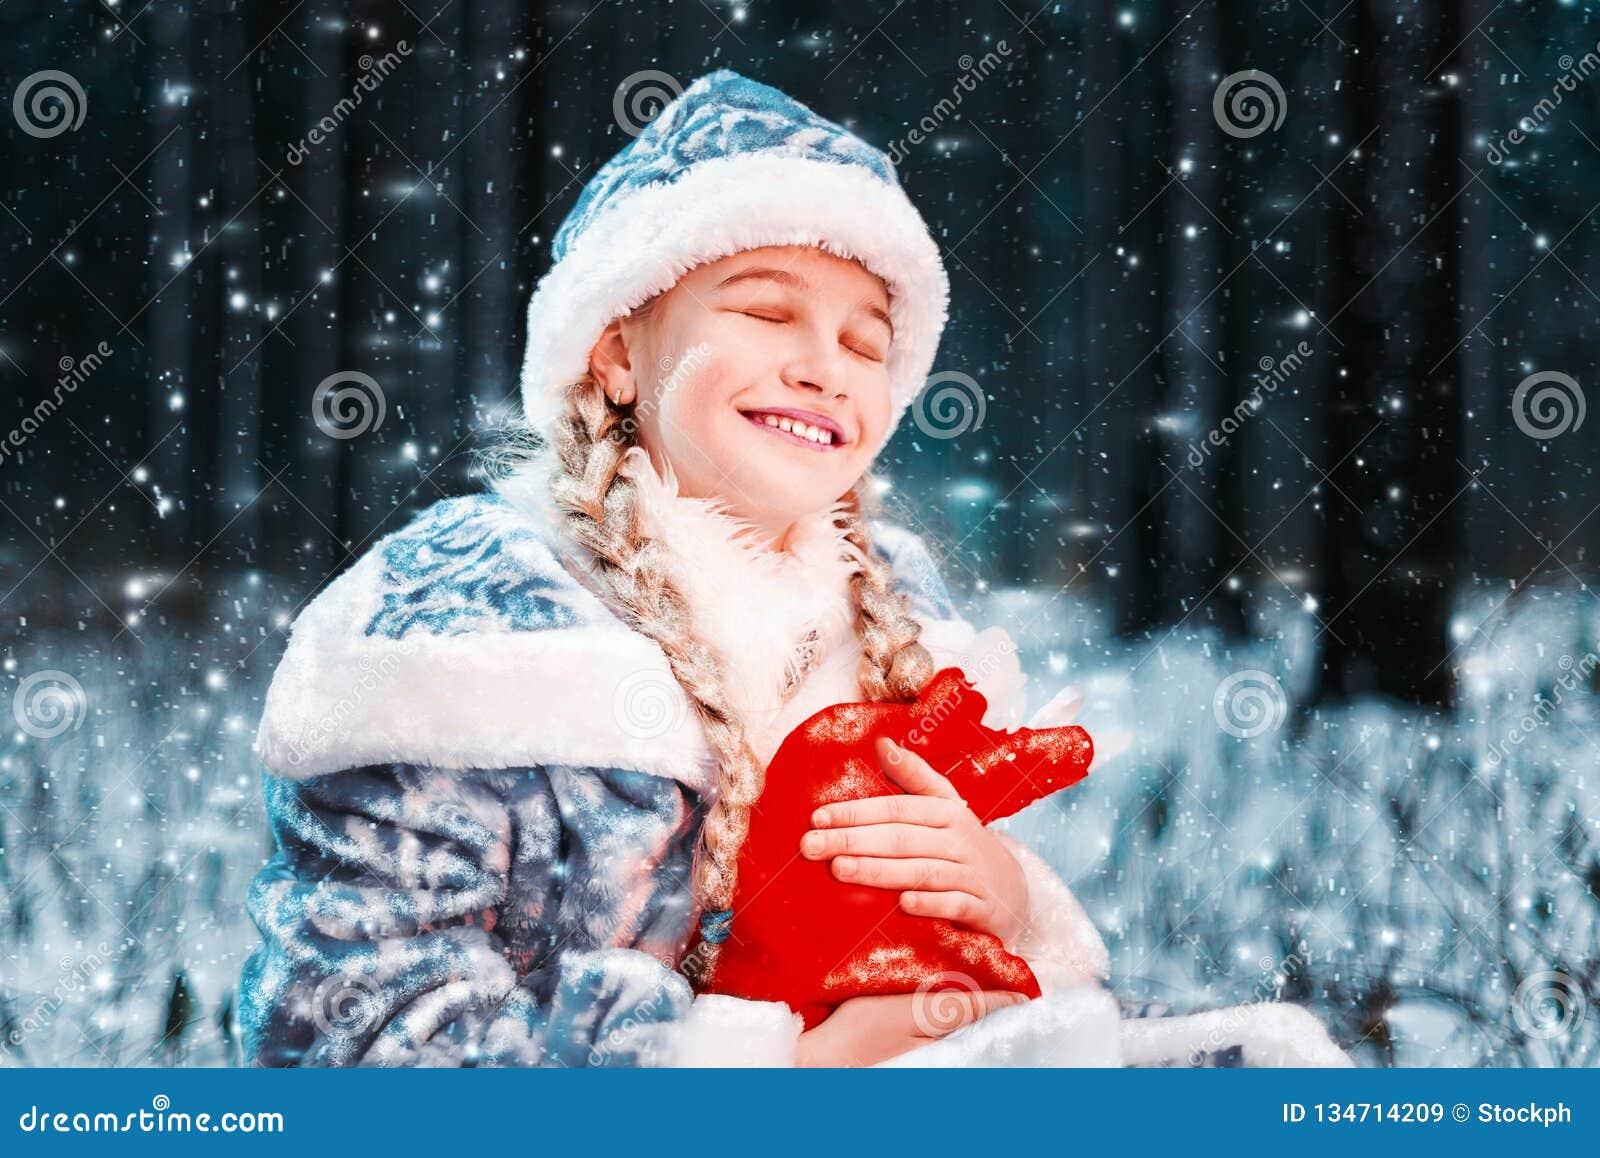 Красивый портрет девушки снега в праздничном костюме счастливая маленькая девочка держит сумку Нового Года с подарками фантастичн